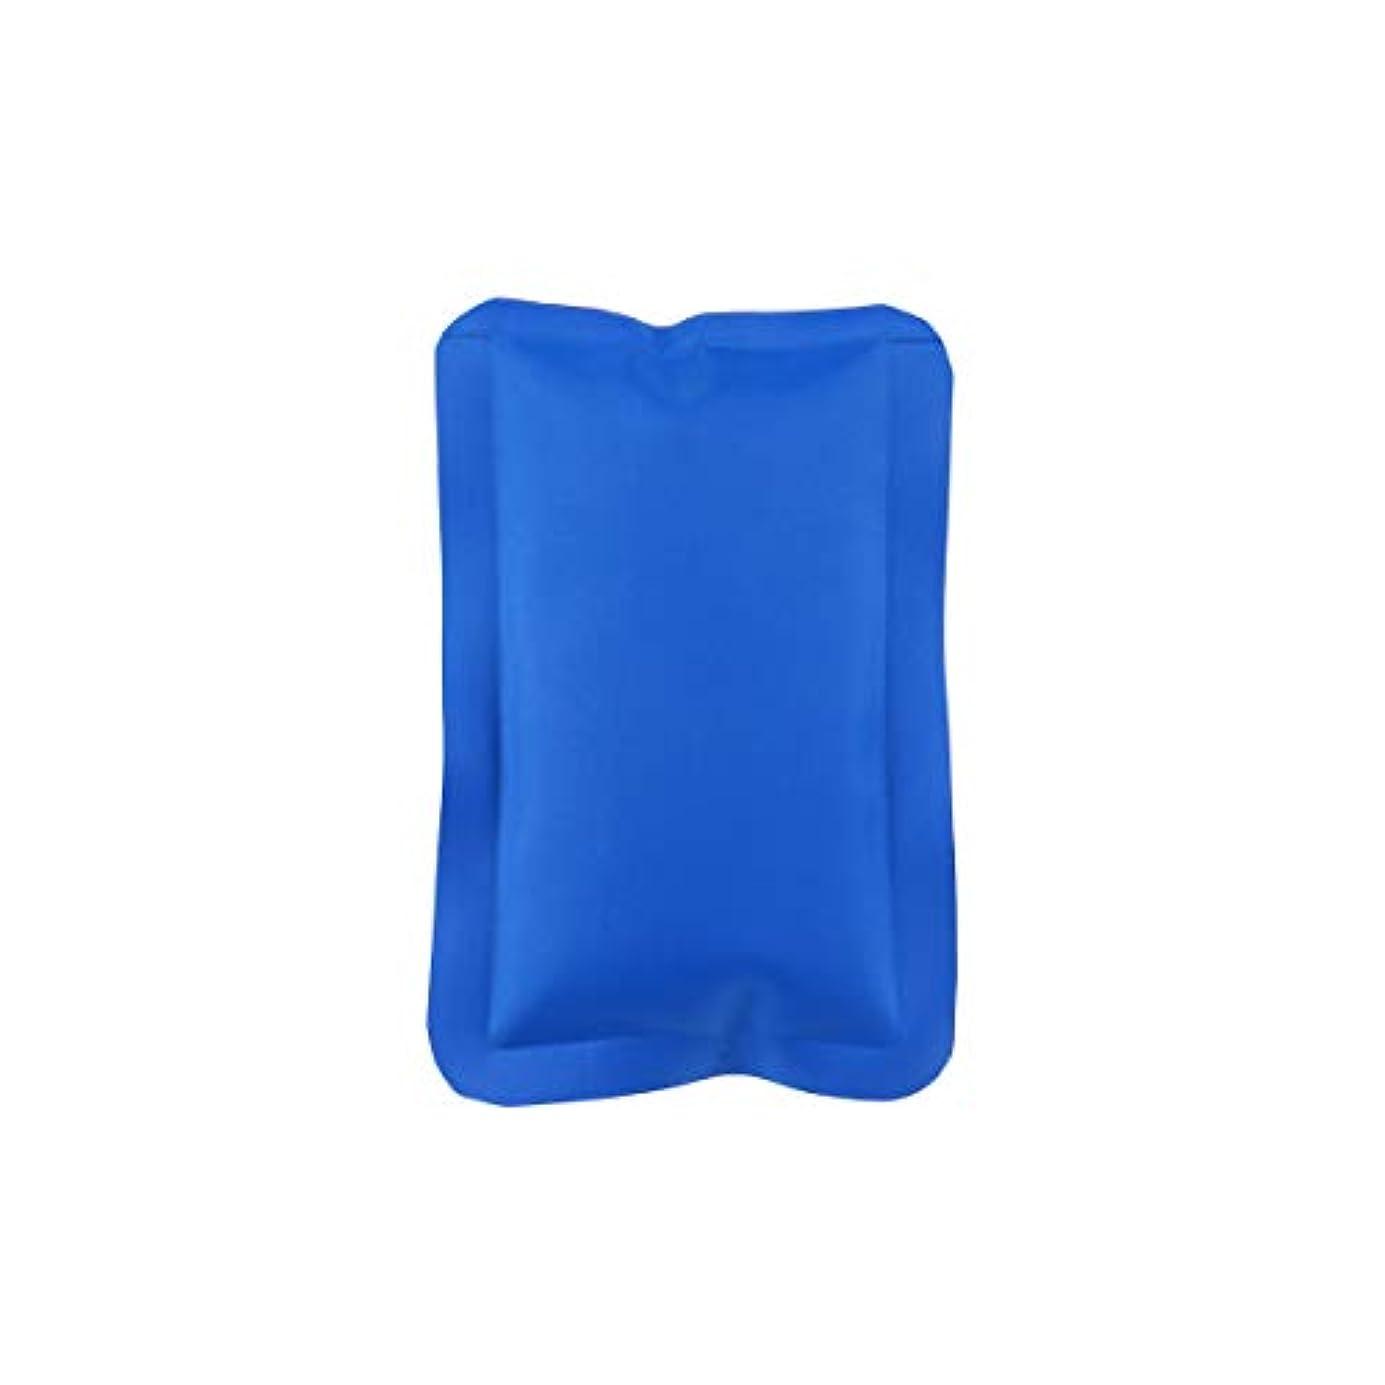 の量組み込む気質HEALLILY 150ML再利用可能なホット&コールドジェルパック(コンプレッションラップスポーツ傷害)ジェルアイスパック多目的ヒートパック(マッスルリリーフ用、16x10x1cm、ブルー)